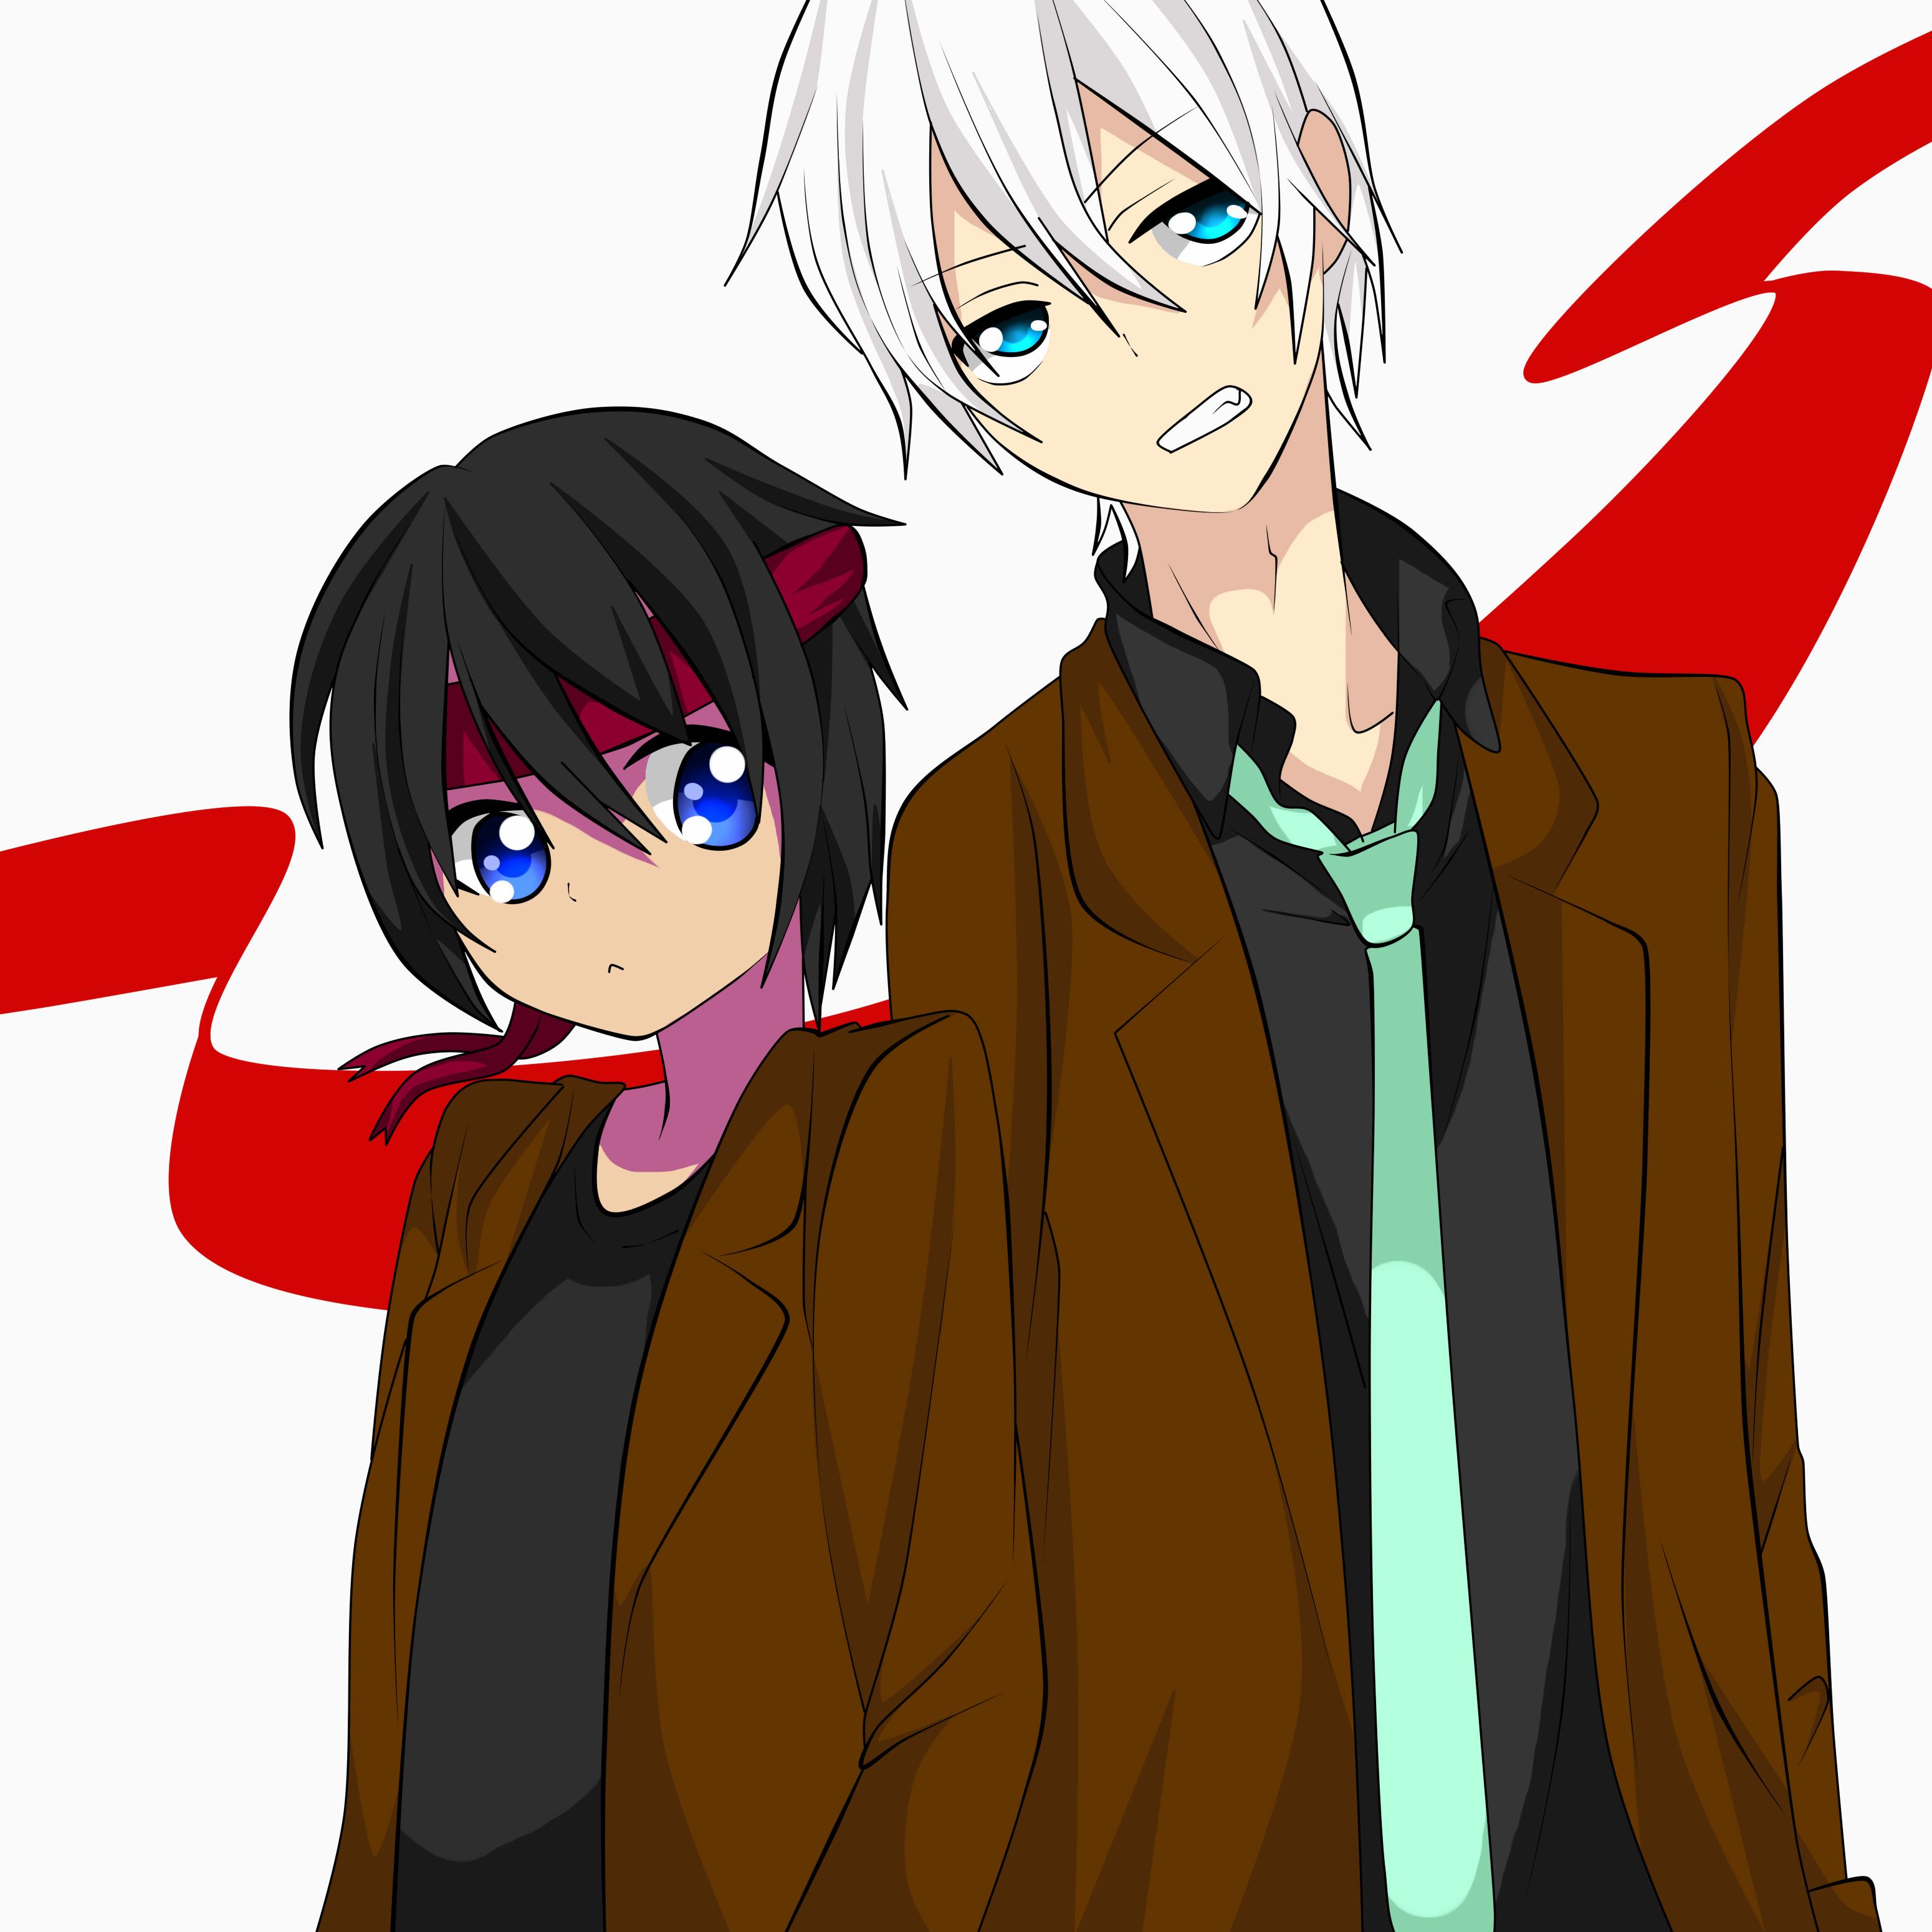 Garu y Dani by RyuujiKarami